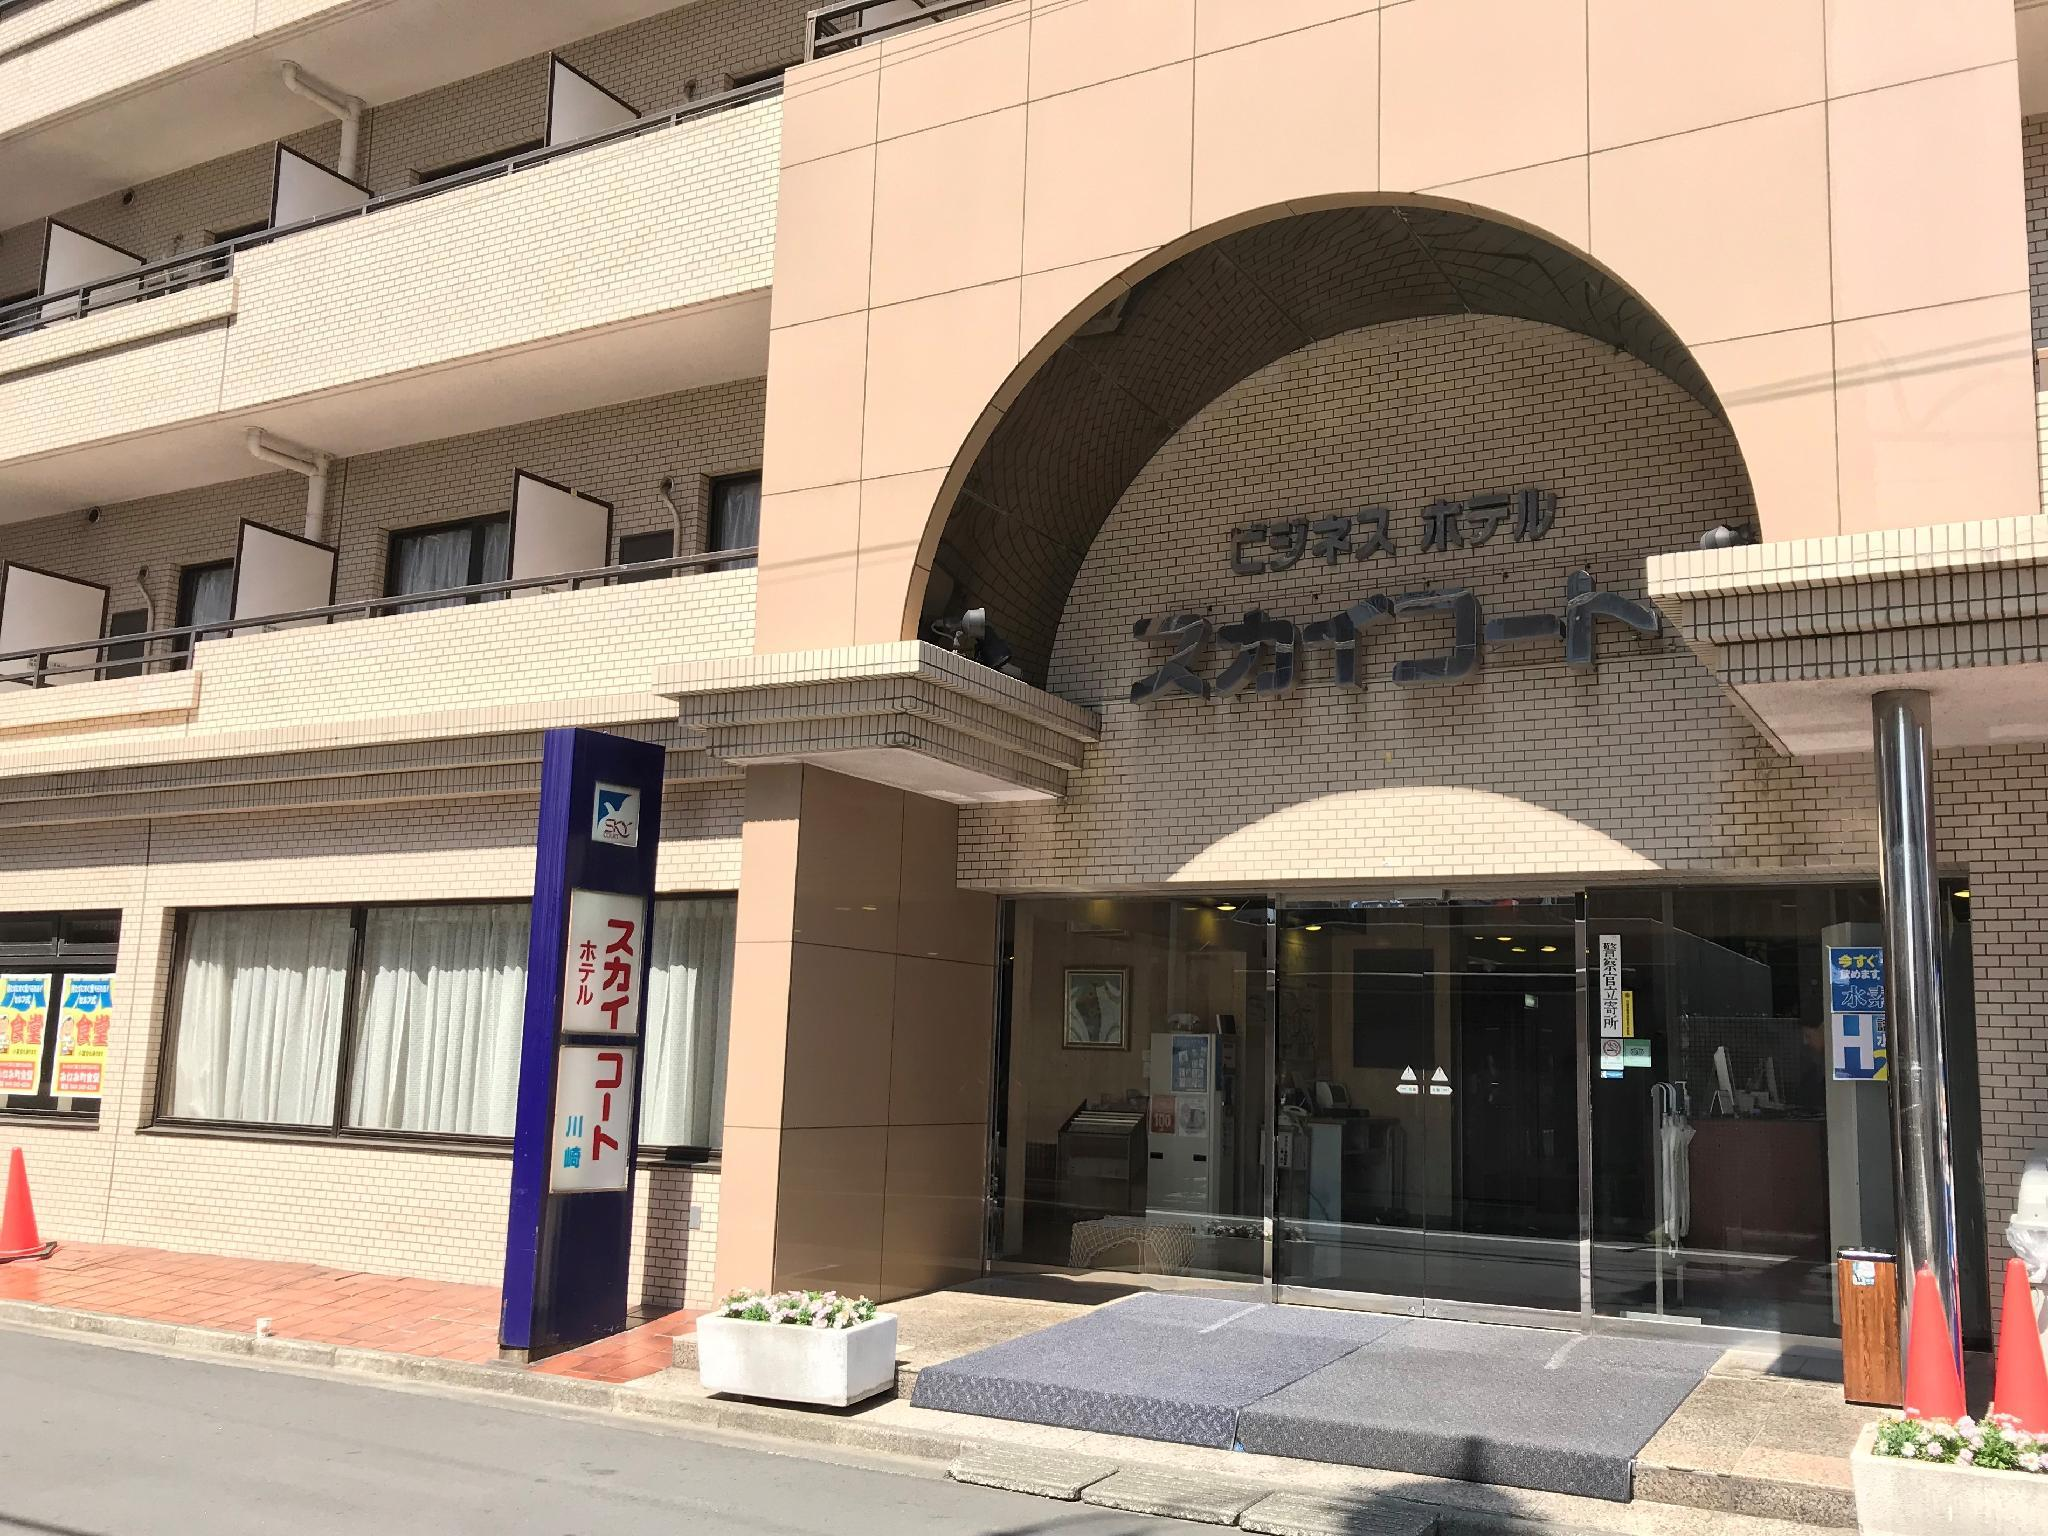 SkyHeart Hotel Kawasaki, Kawasaki